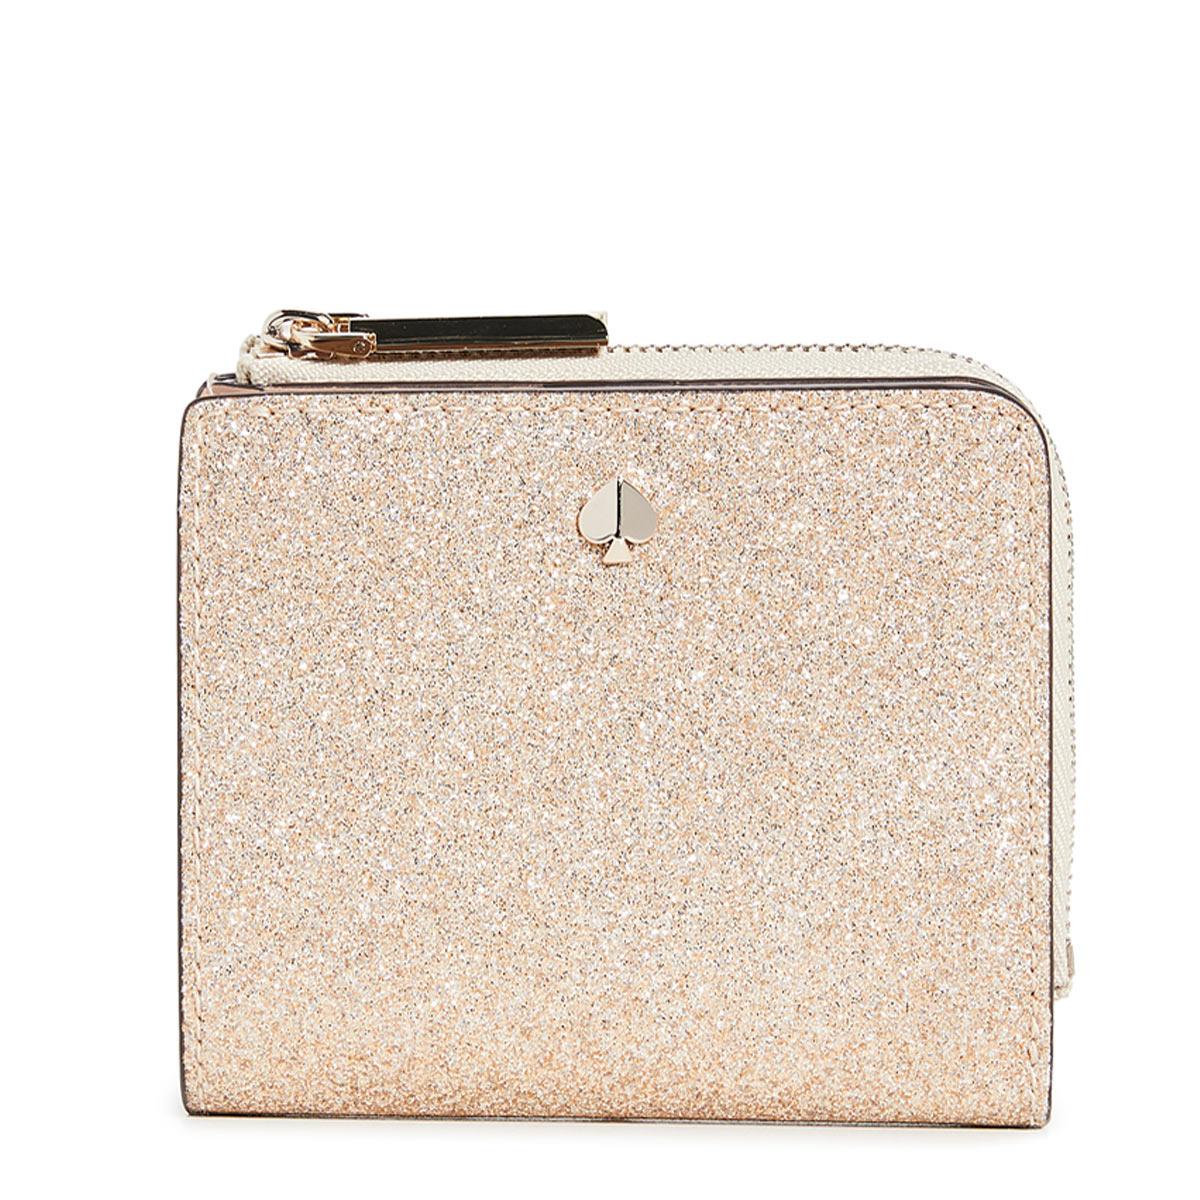 ケイトスペード 財布 二つ折り財布 ミニ財布 折財布 グリッター ゴールド レディース ブランド KATE SPADE NEW YORK